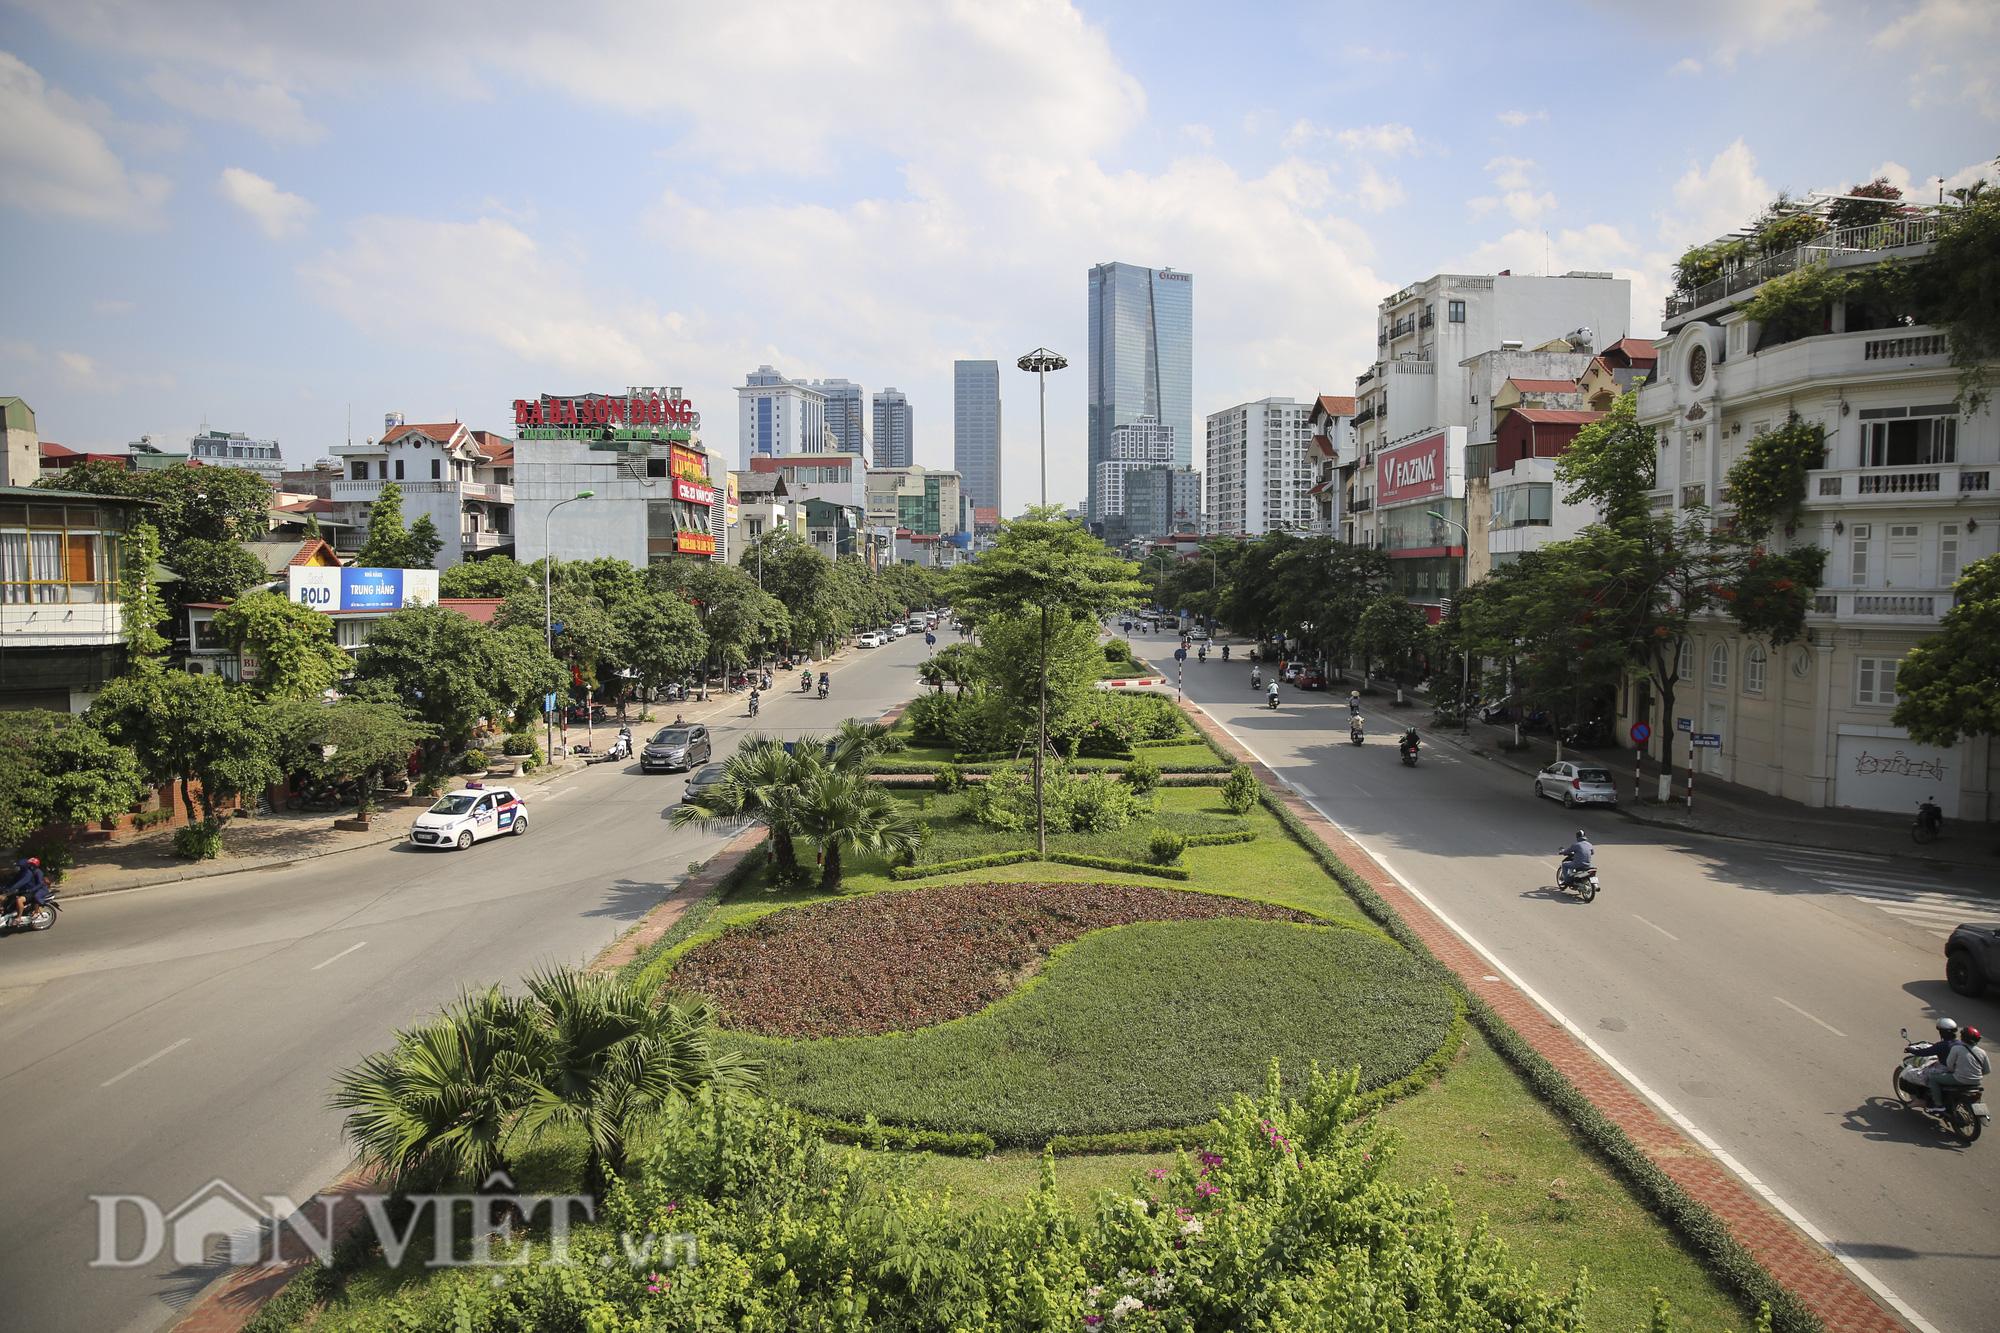 """Hệ thống cây xanh đã giúp Hà Nội giảm """"hiệu ứng đảo nhiệt đô thị"""" như thế nào? - Ảnh 2."""